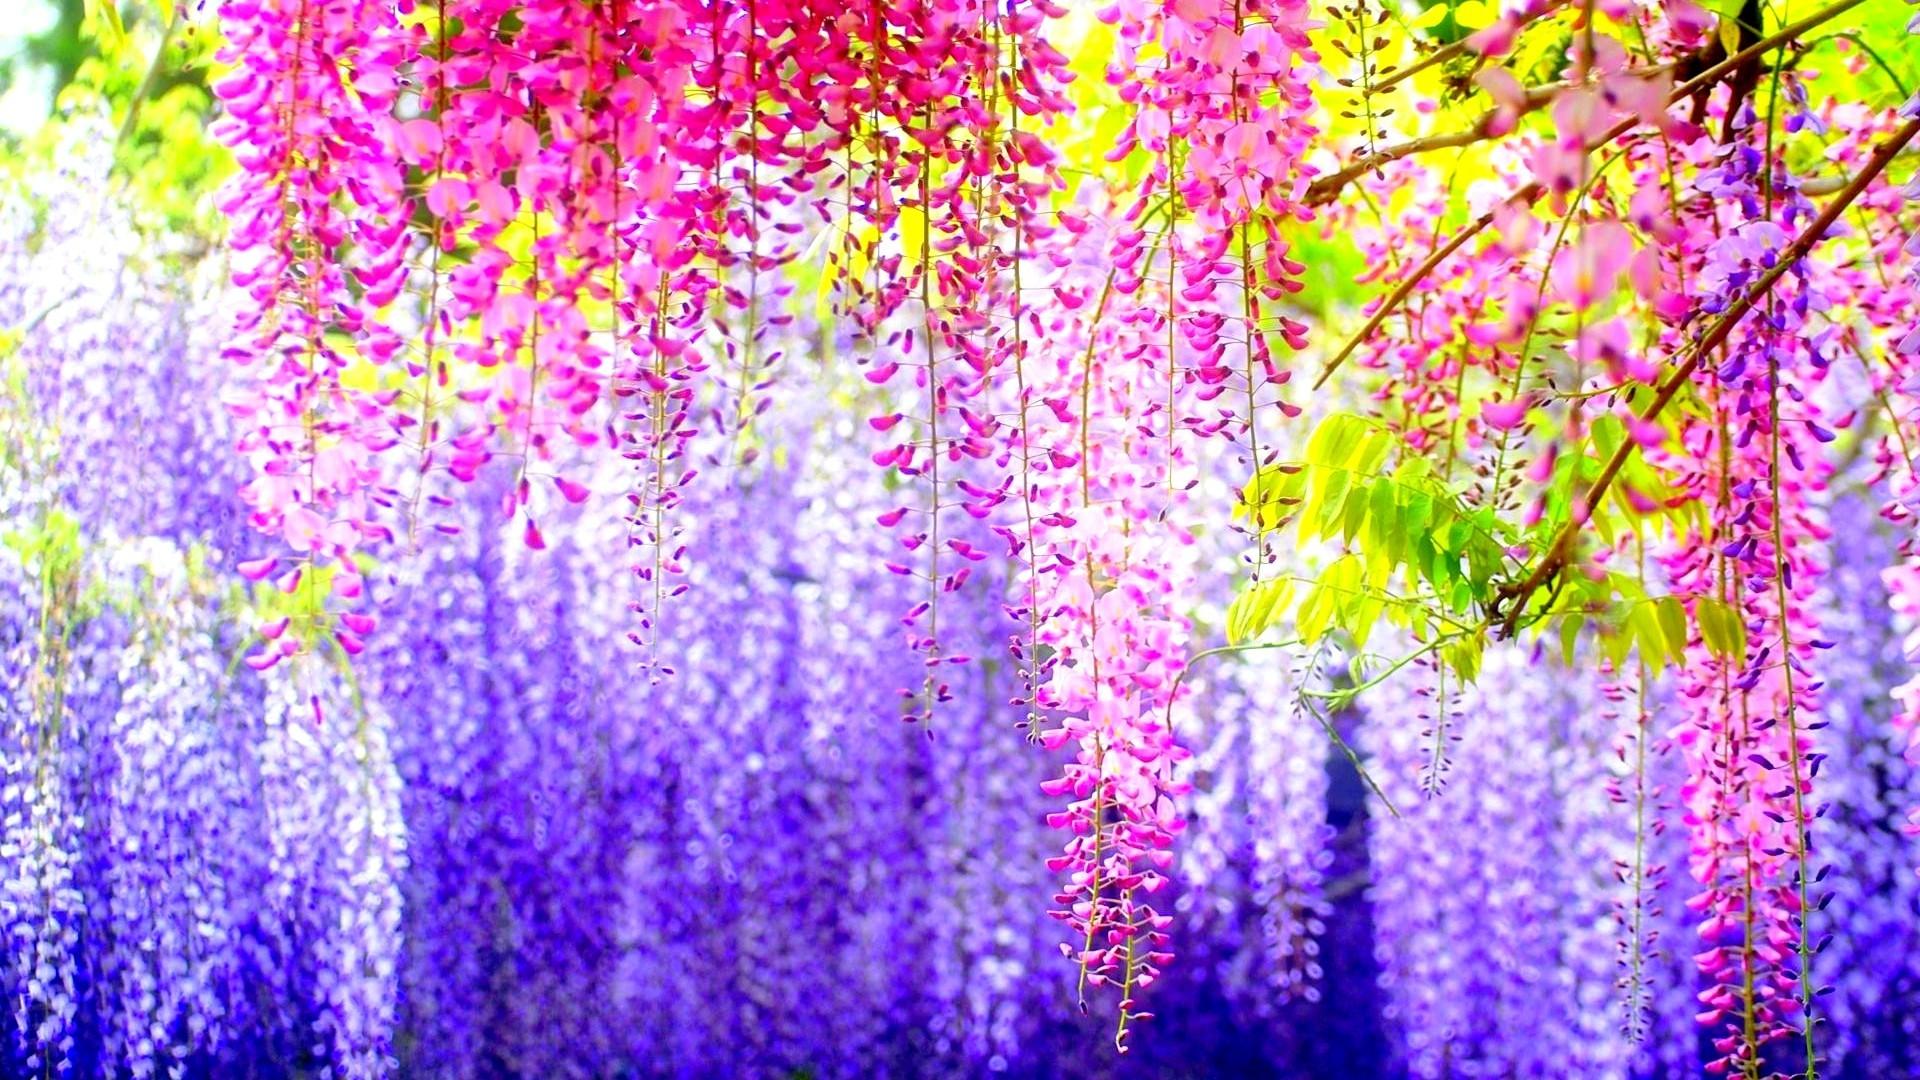 Beautiful Flowers Wallpaper Downloads Wallpapersafari